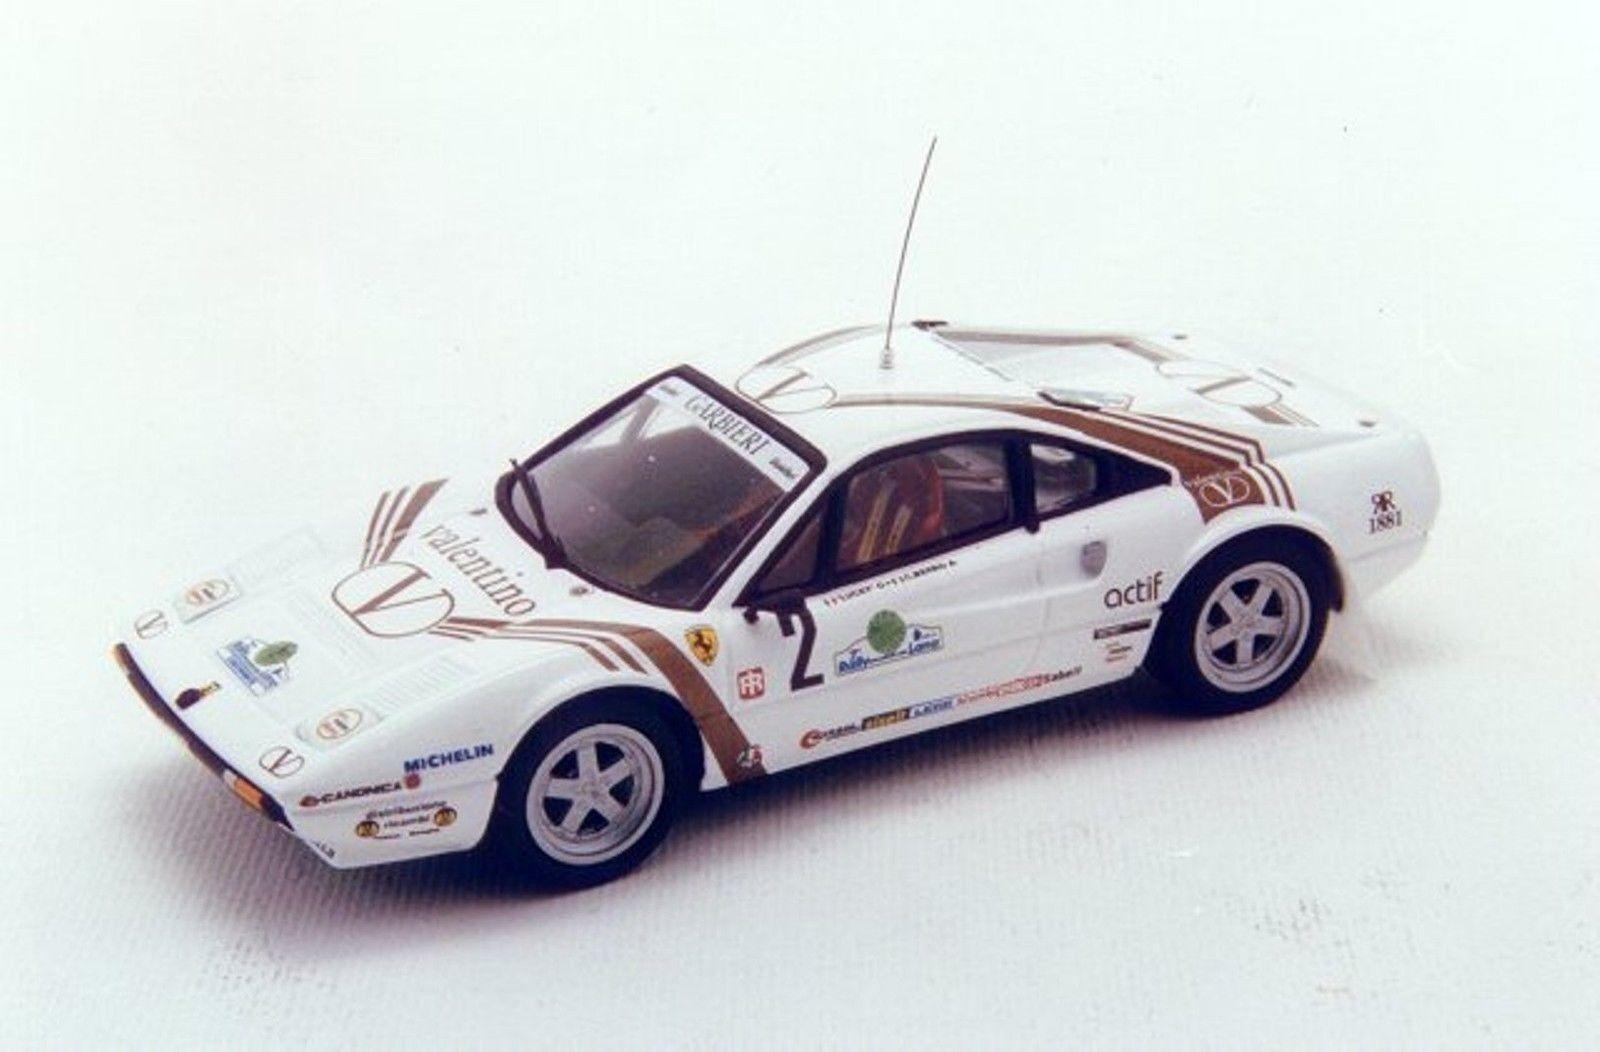 el estilo clásico Kit de de de  259 Ferrari 308 Gr. B  2 RALLY DELLA LANA 1984 Valentino-Racing 43 1 43  edición limitada